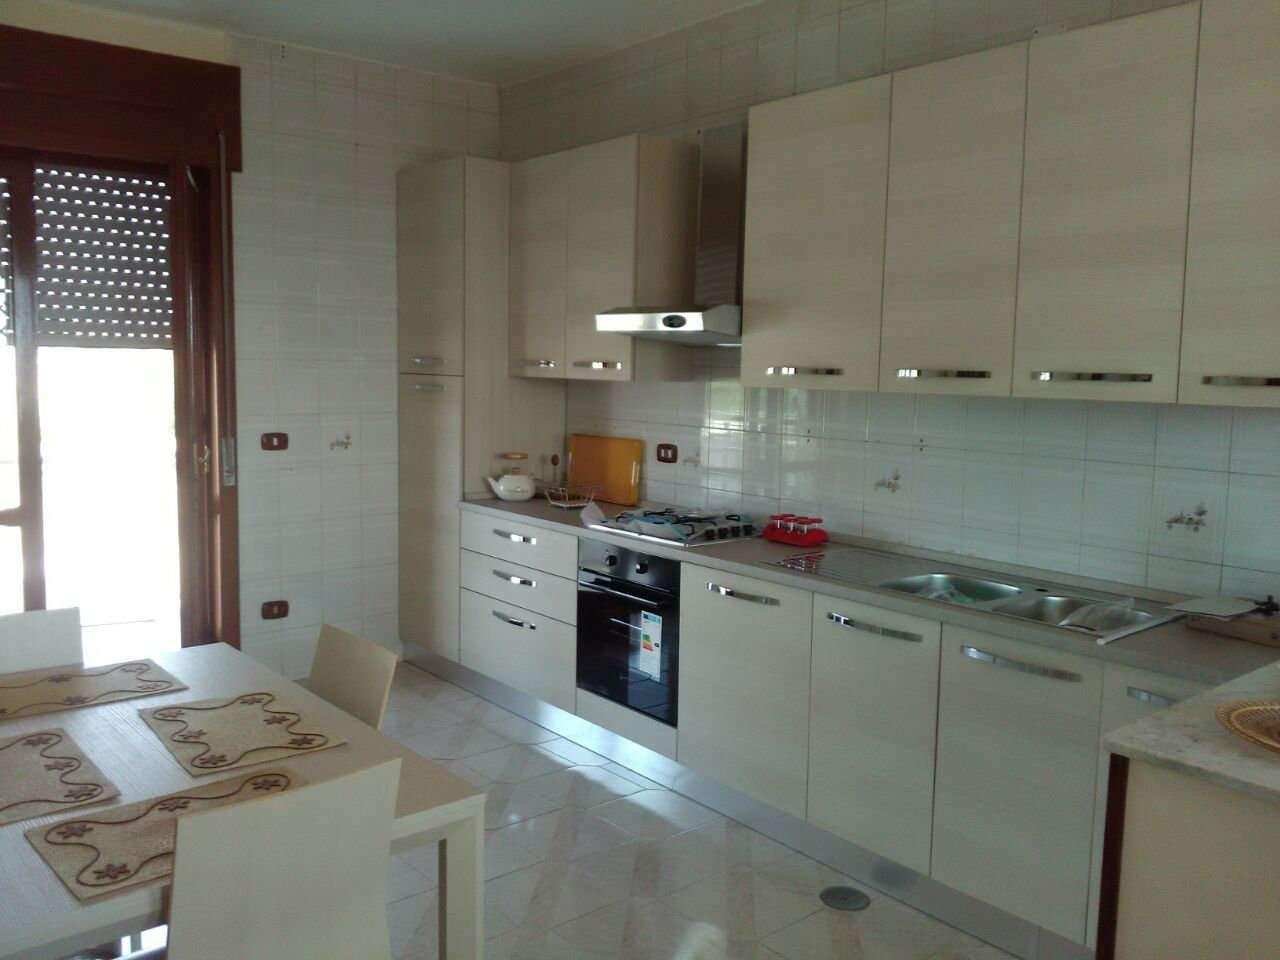 Appartamento in affitto a Giugliano in Campania, 5 locali, prezzo € 550 | CambioCasa.it